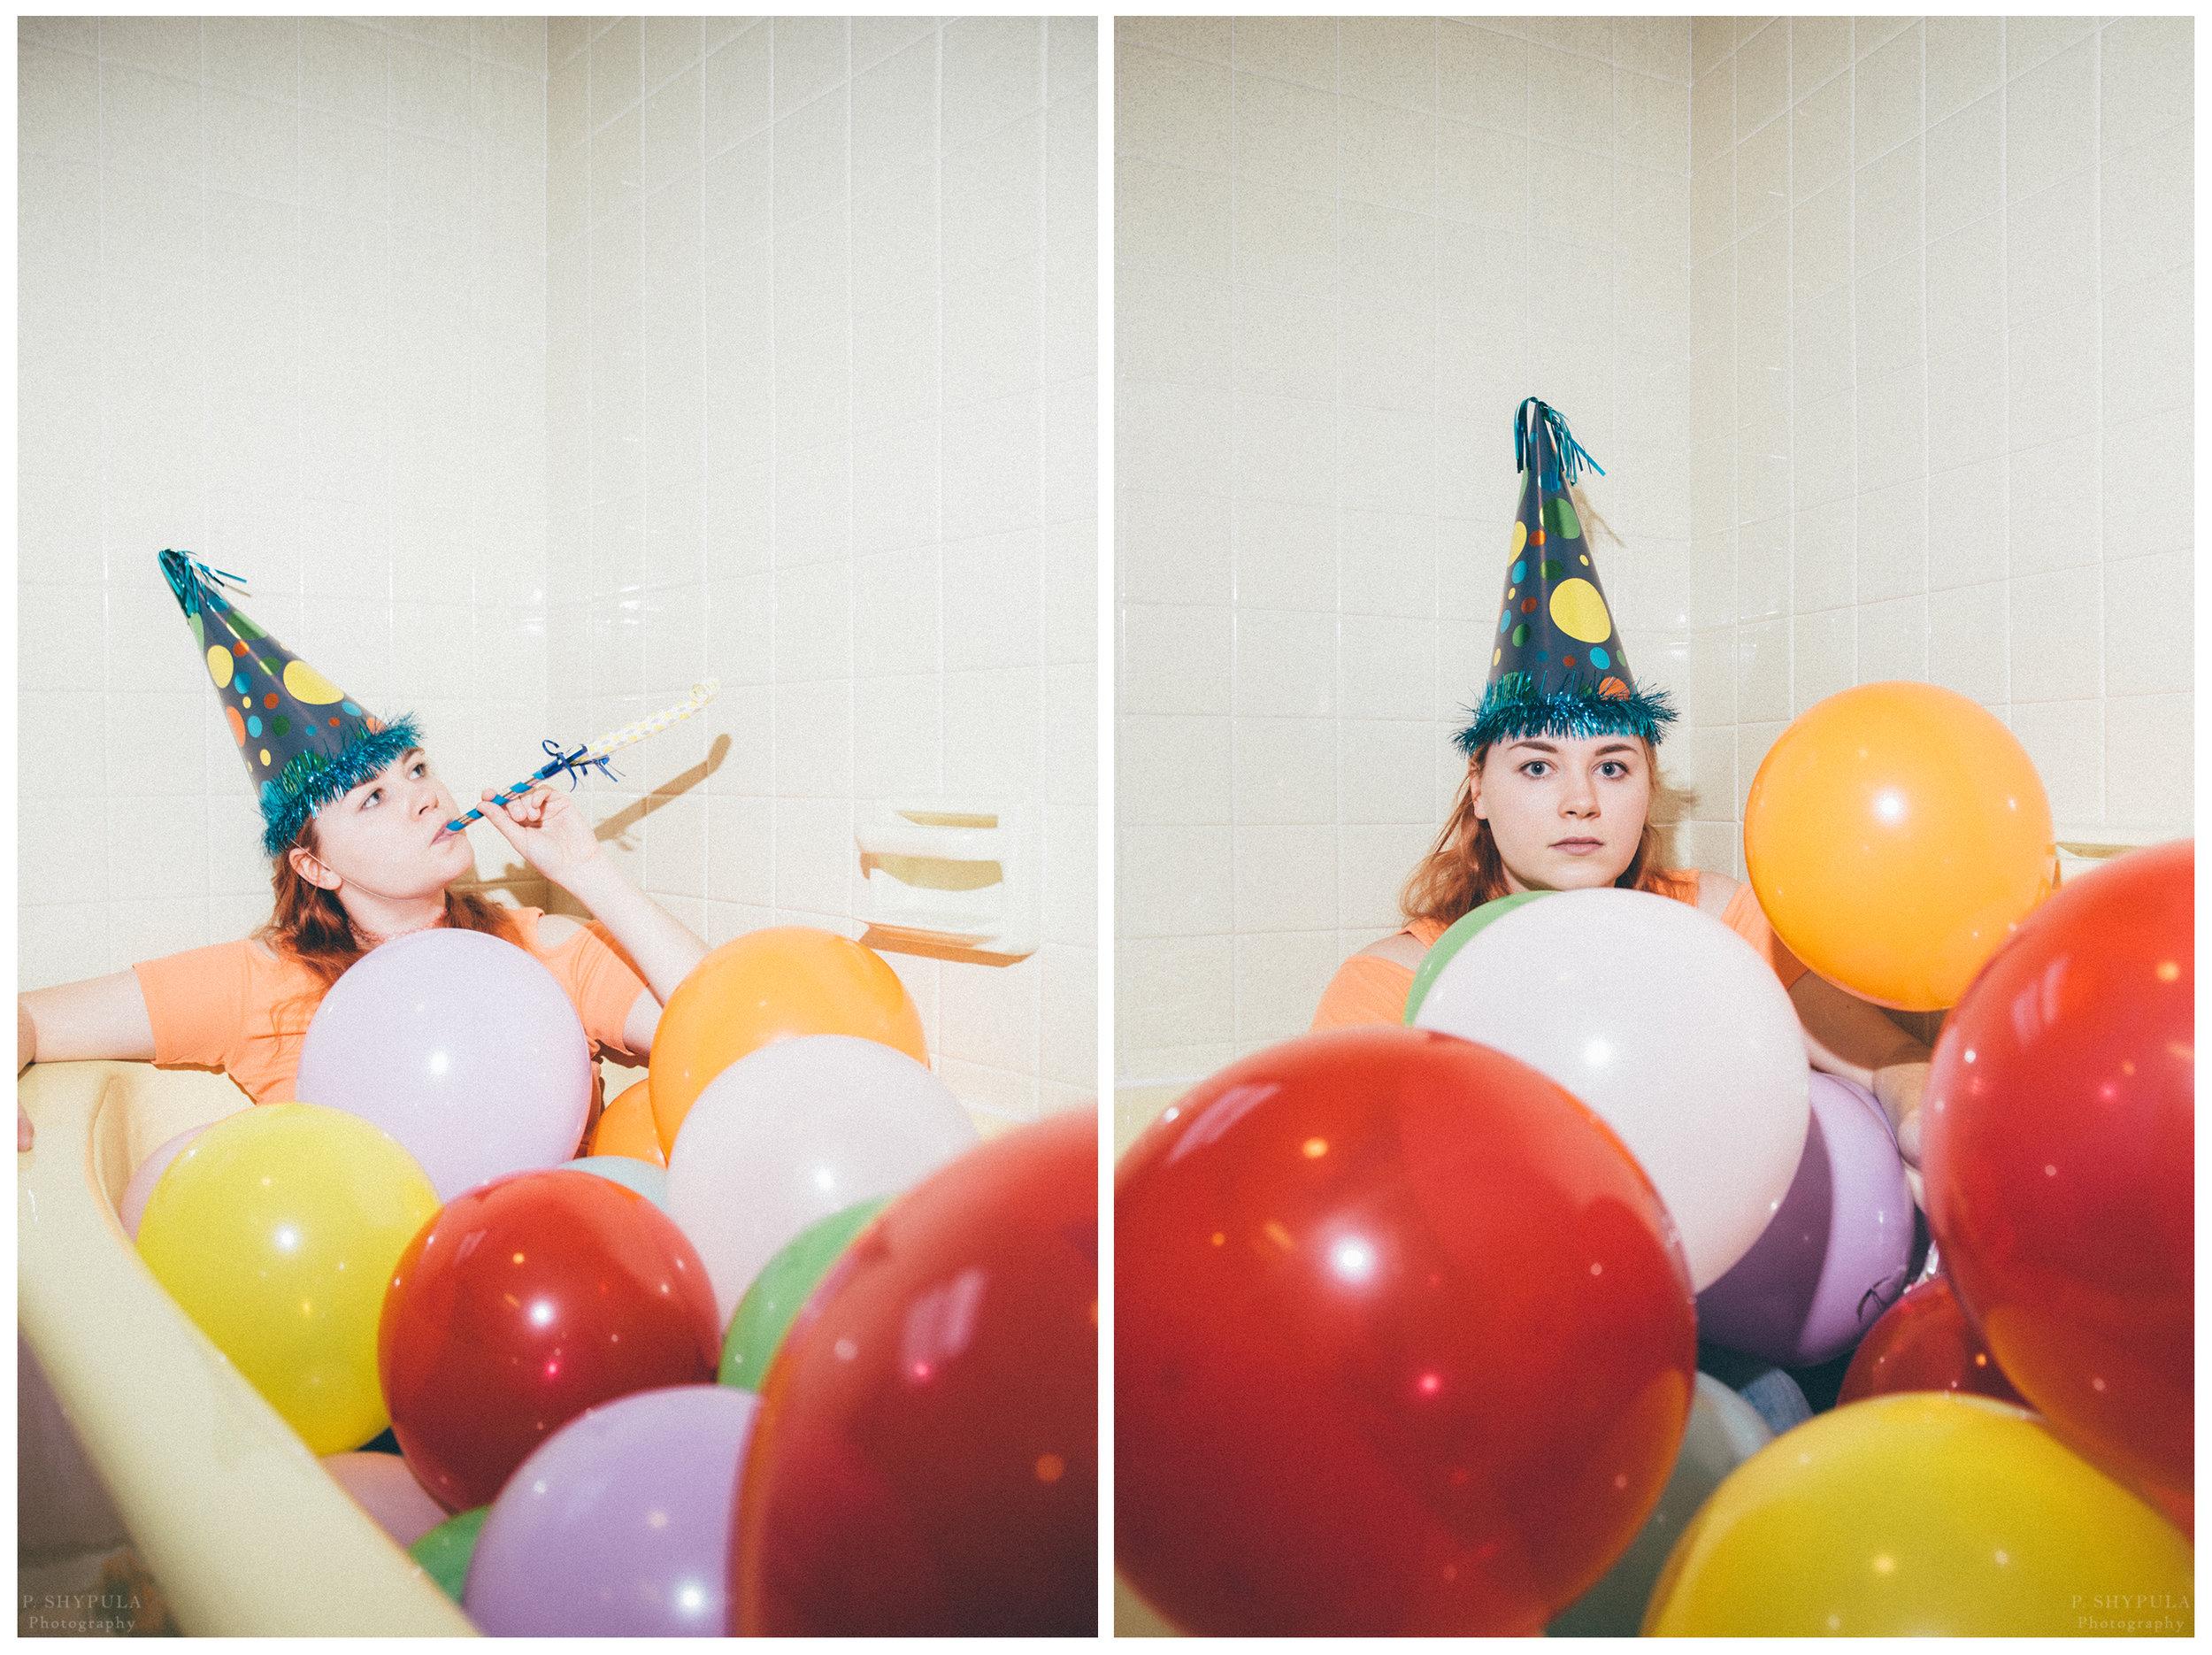 birthdaybath.jpg